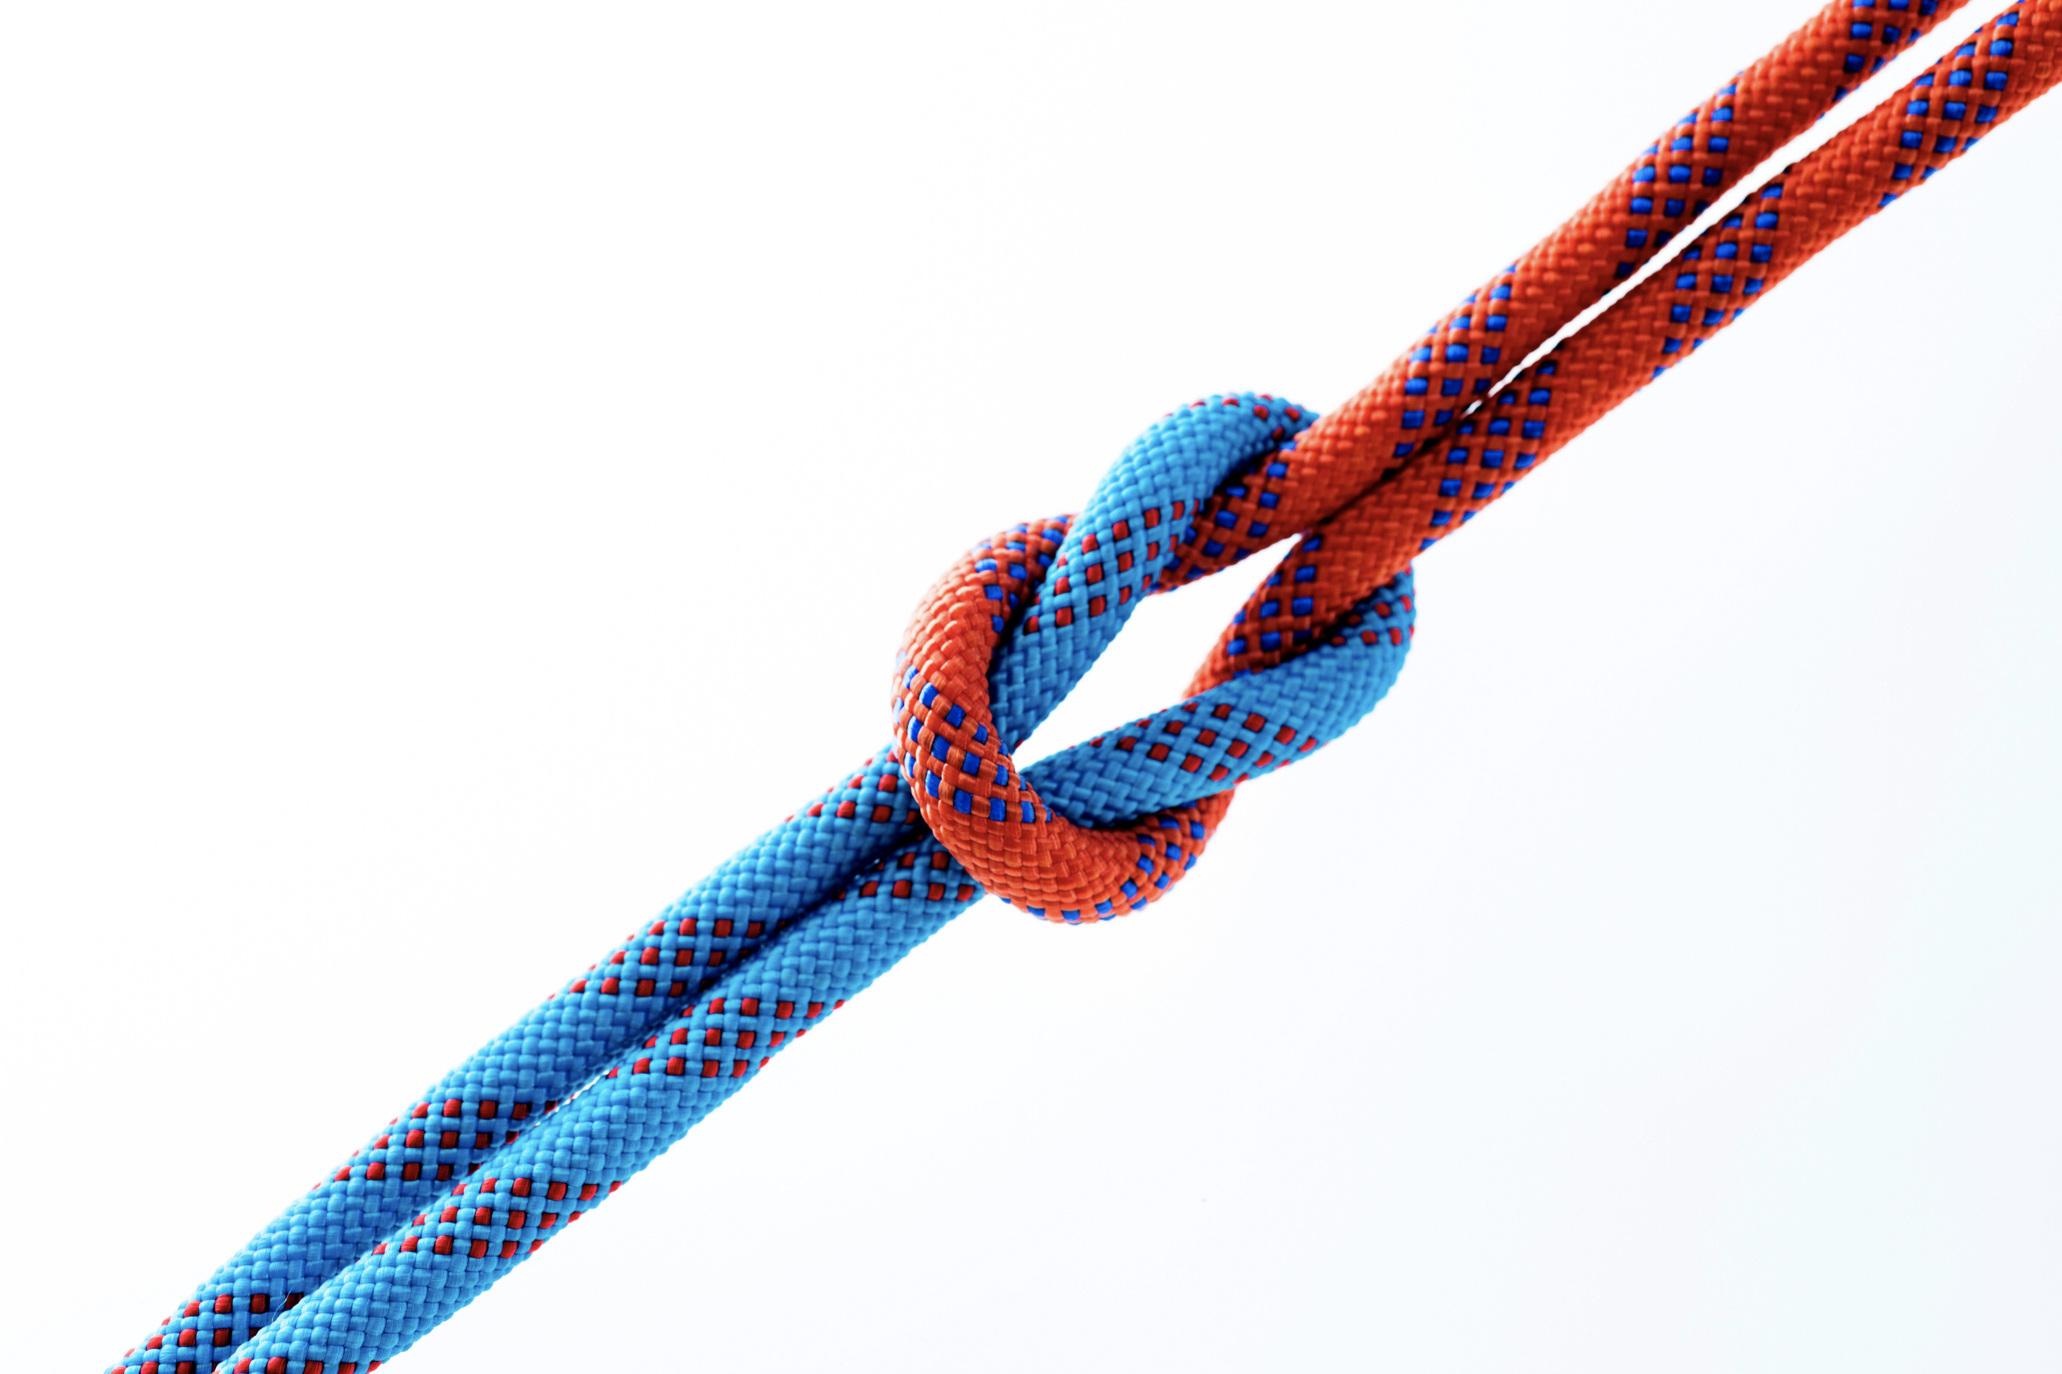 10 wichtige Fragen zu MVZ, Expansion und Kooperation sowie intigrierter Versorgungen -